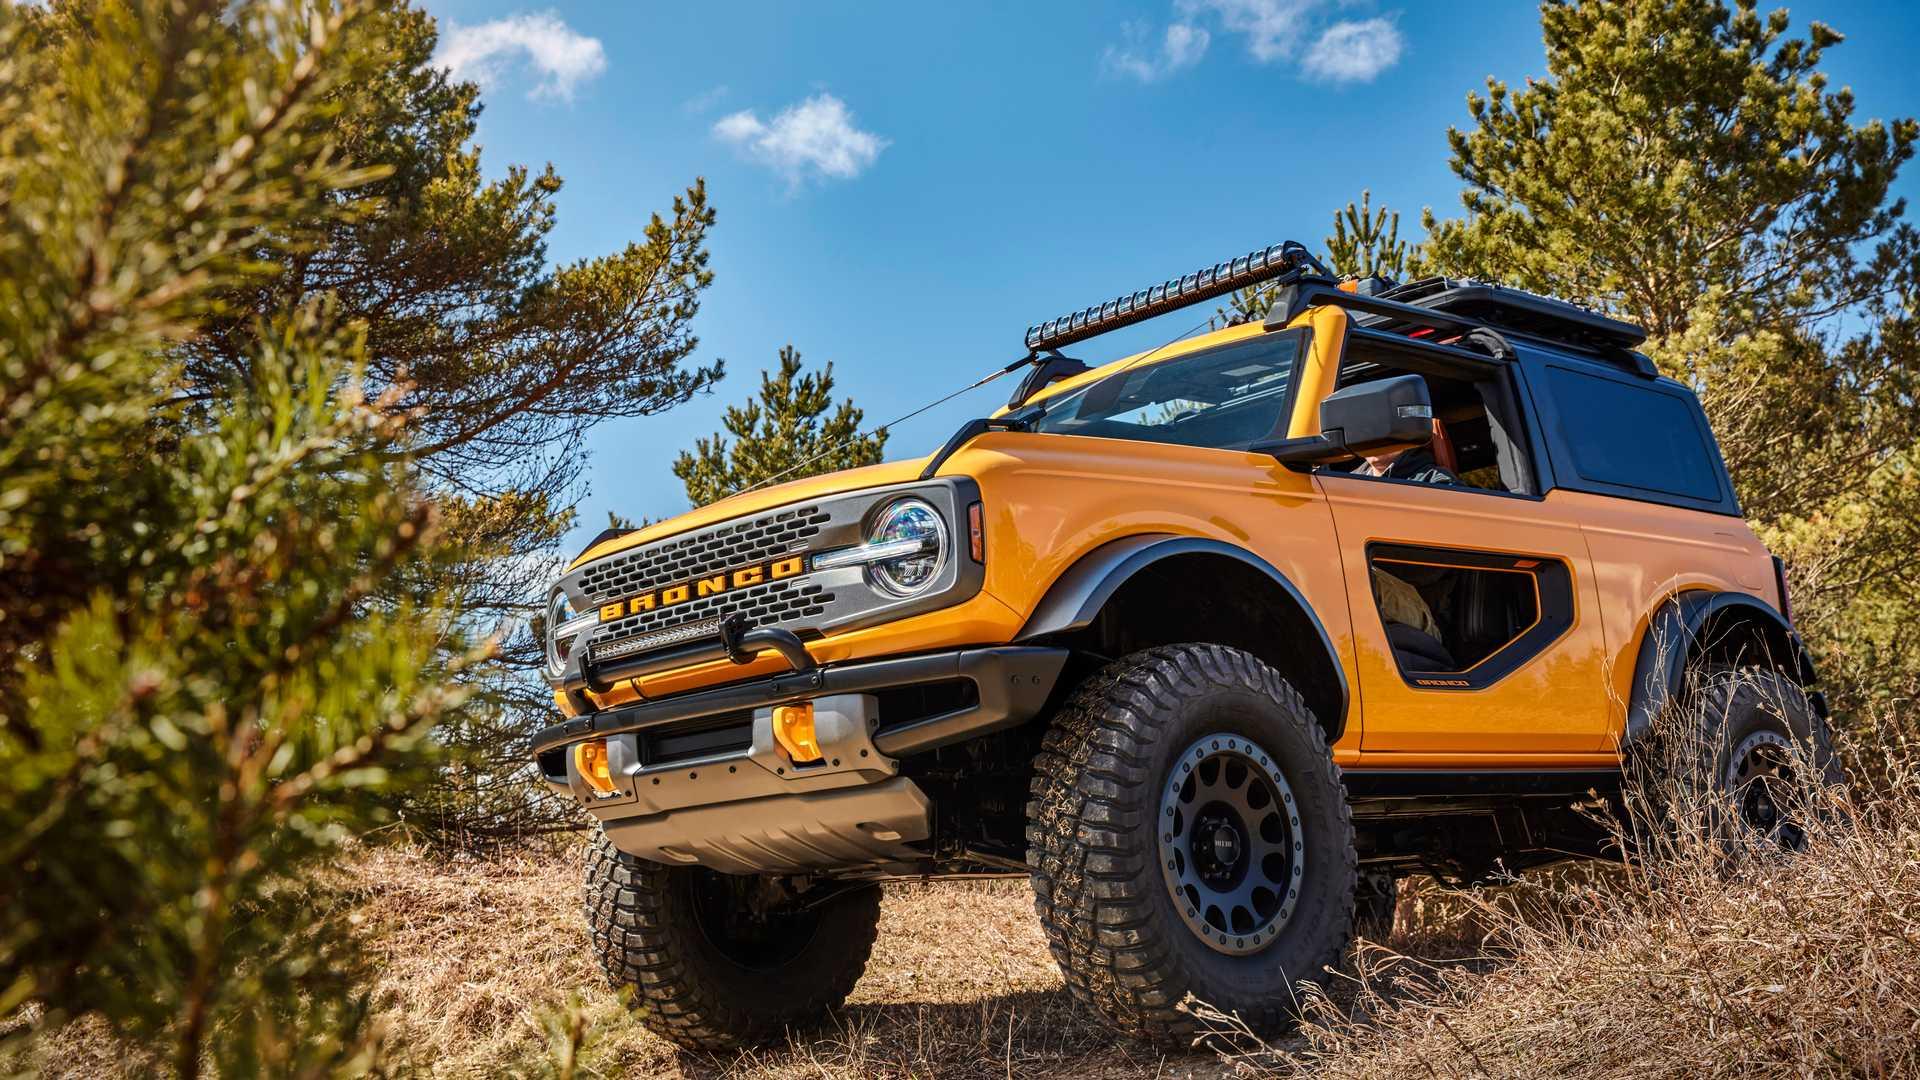 فورد خودرو Bronco 2021 را با امکان حذف شیشه جلویی معرفی کرد